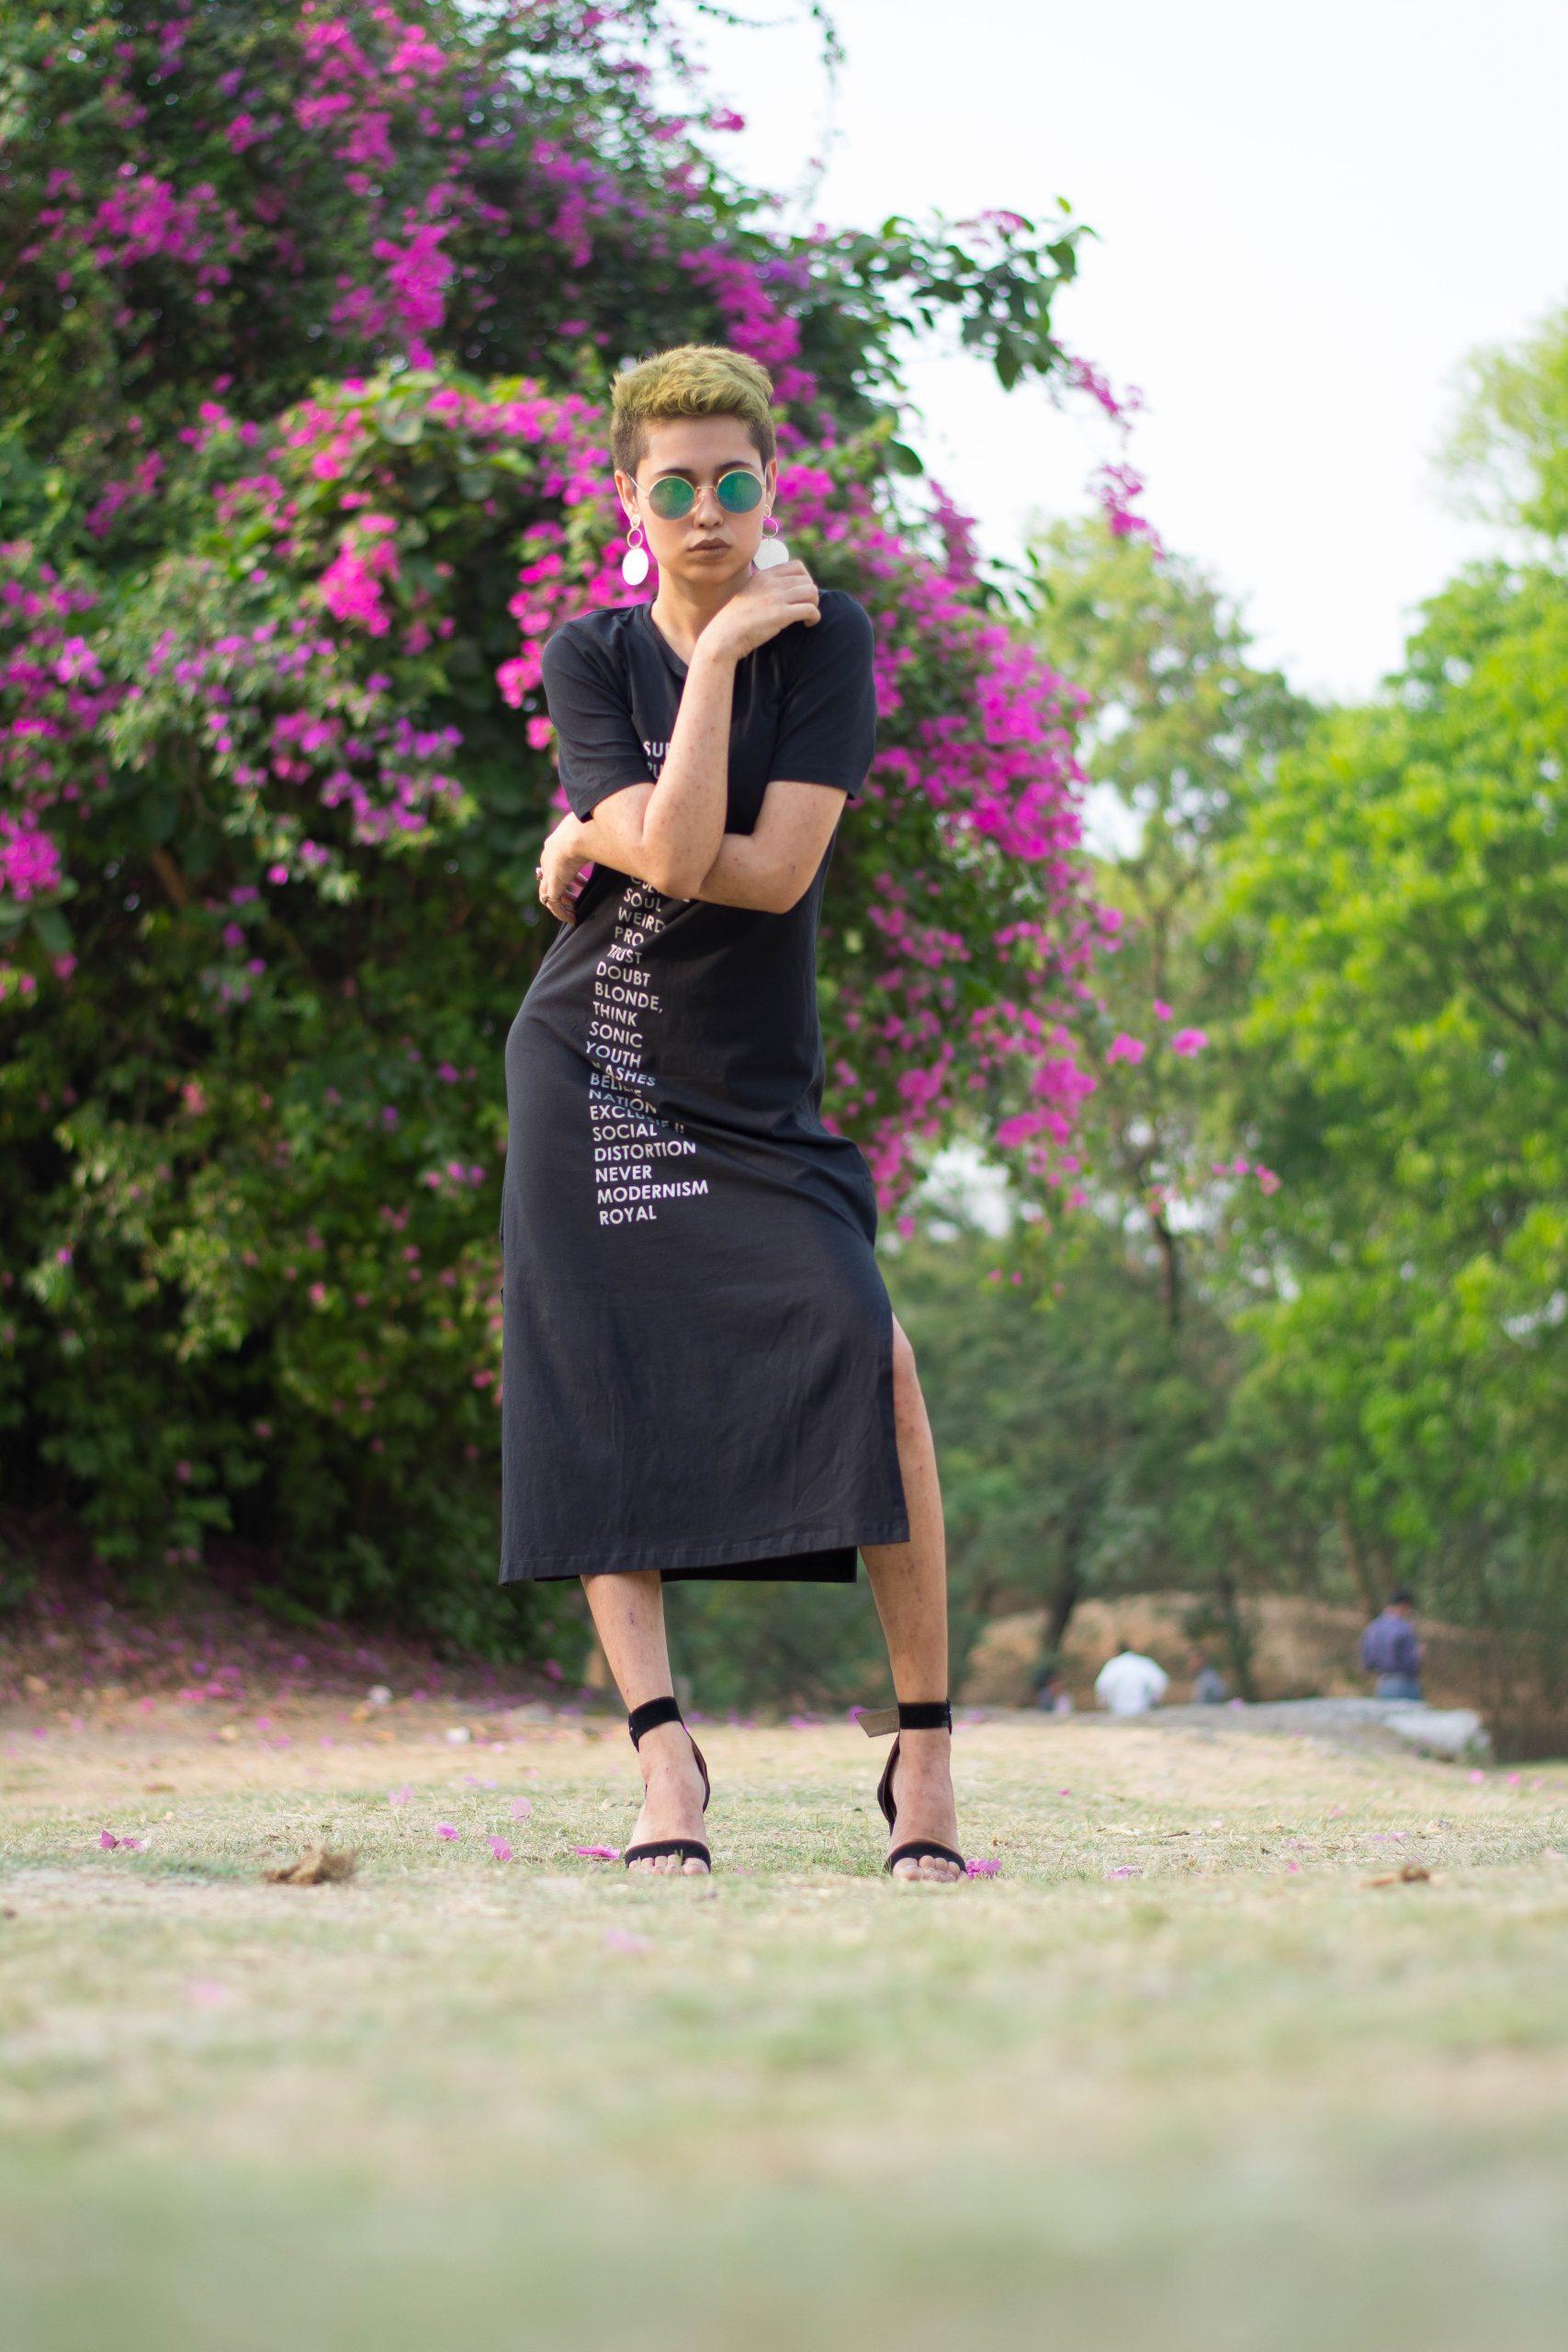 A female fashion model